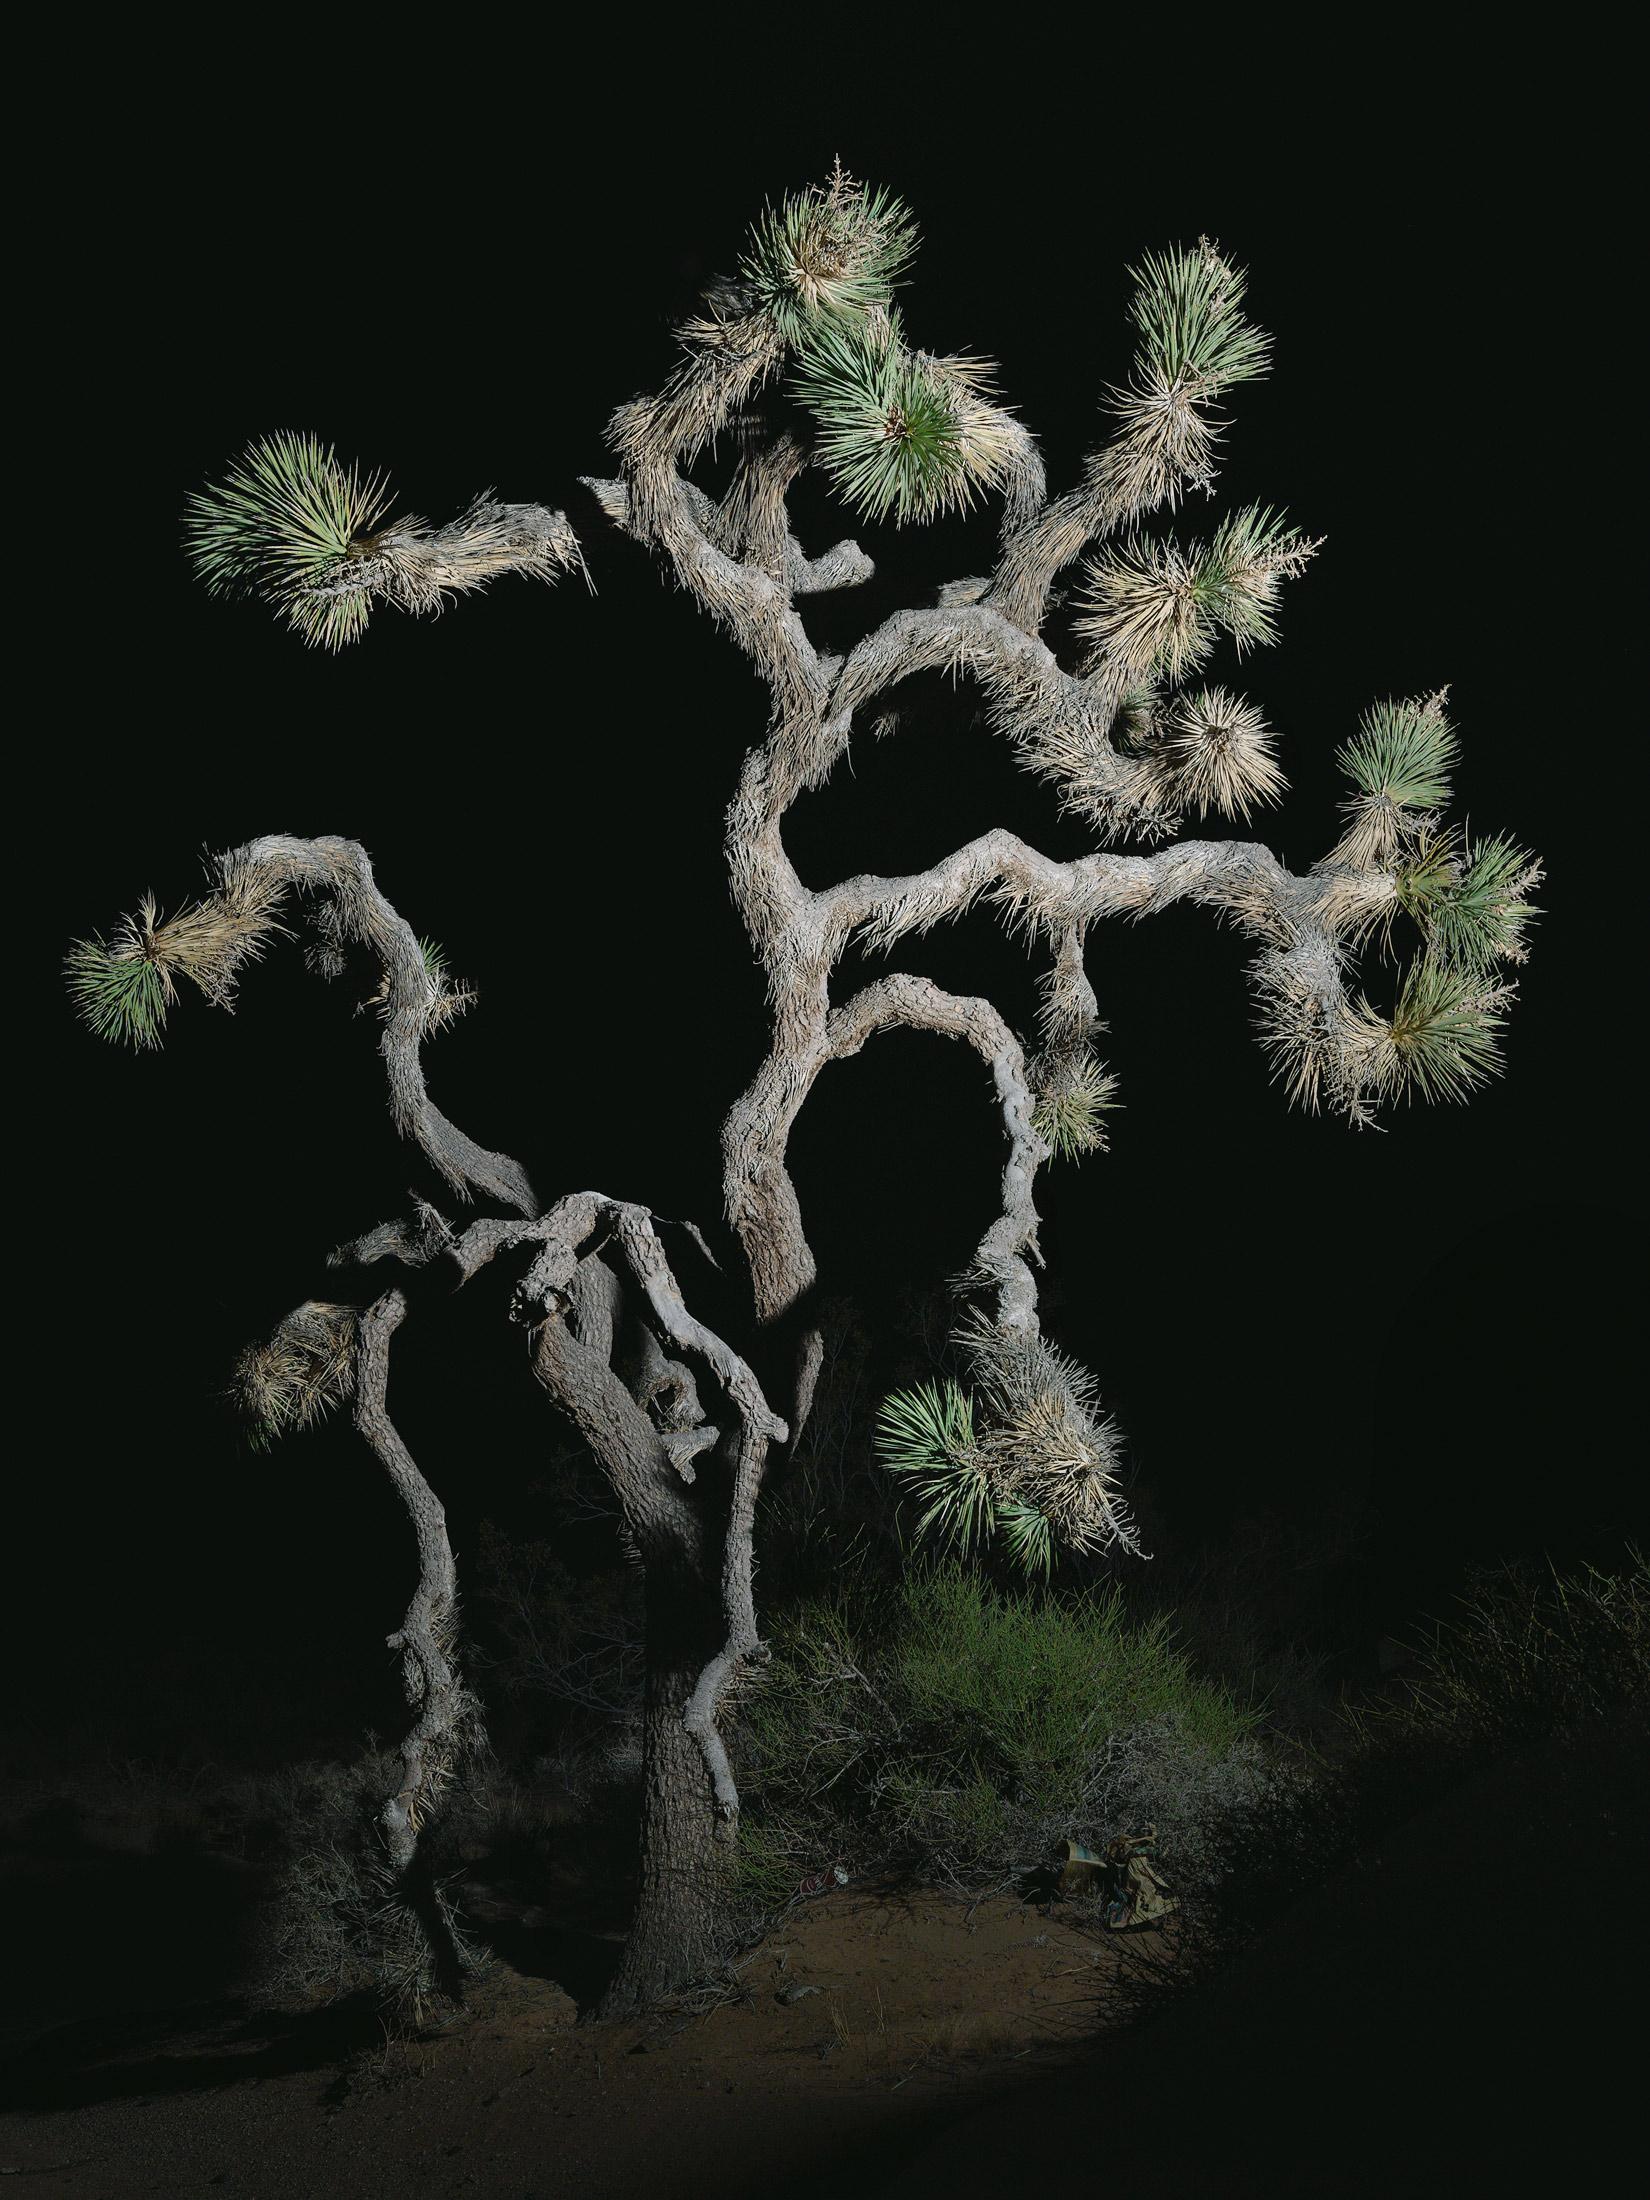 tree #4    70x94 in/180x239cm  1+1AP 60x80 in/152x203cm  2+1AP 45x60 in/114x152cm  3+1AP 30x40 in/75x100cm  5+1AP